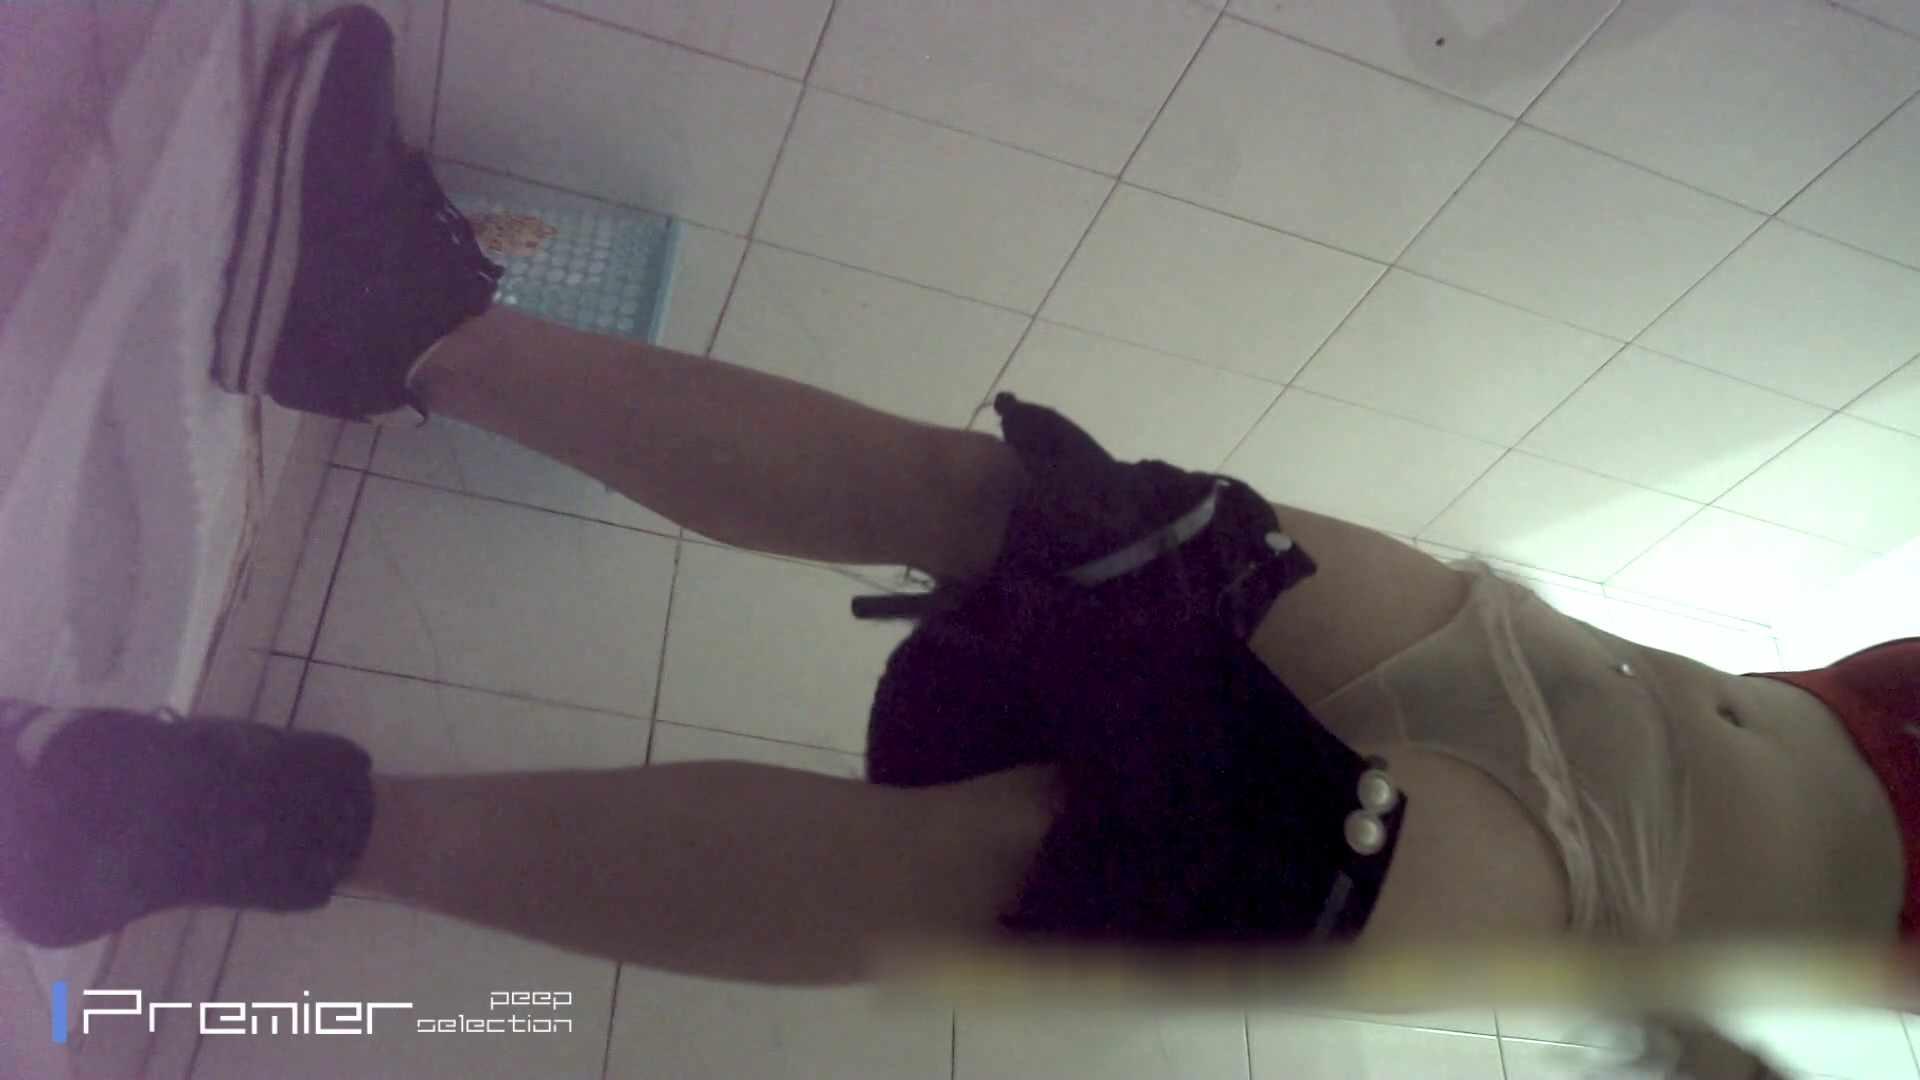 トイレシーンを密着盗撮!! 美女の痴態に密着!Vol.29 パンチラ のぞき動画画像 69PIX 14